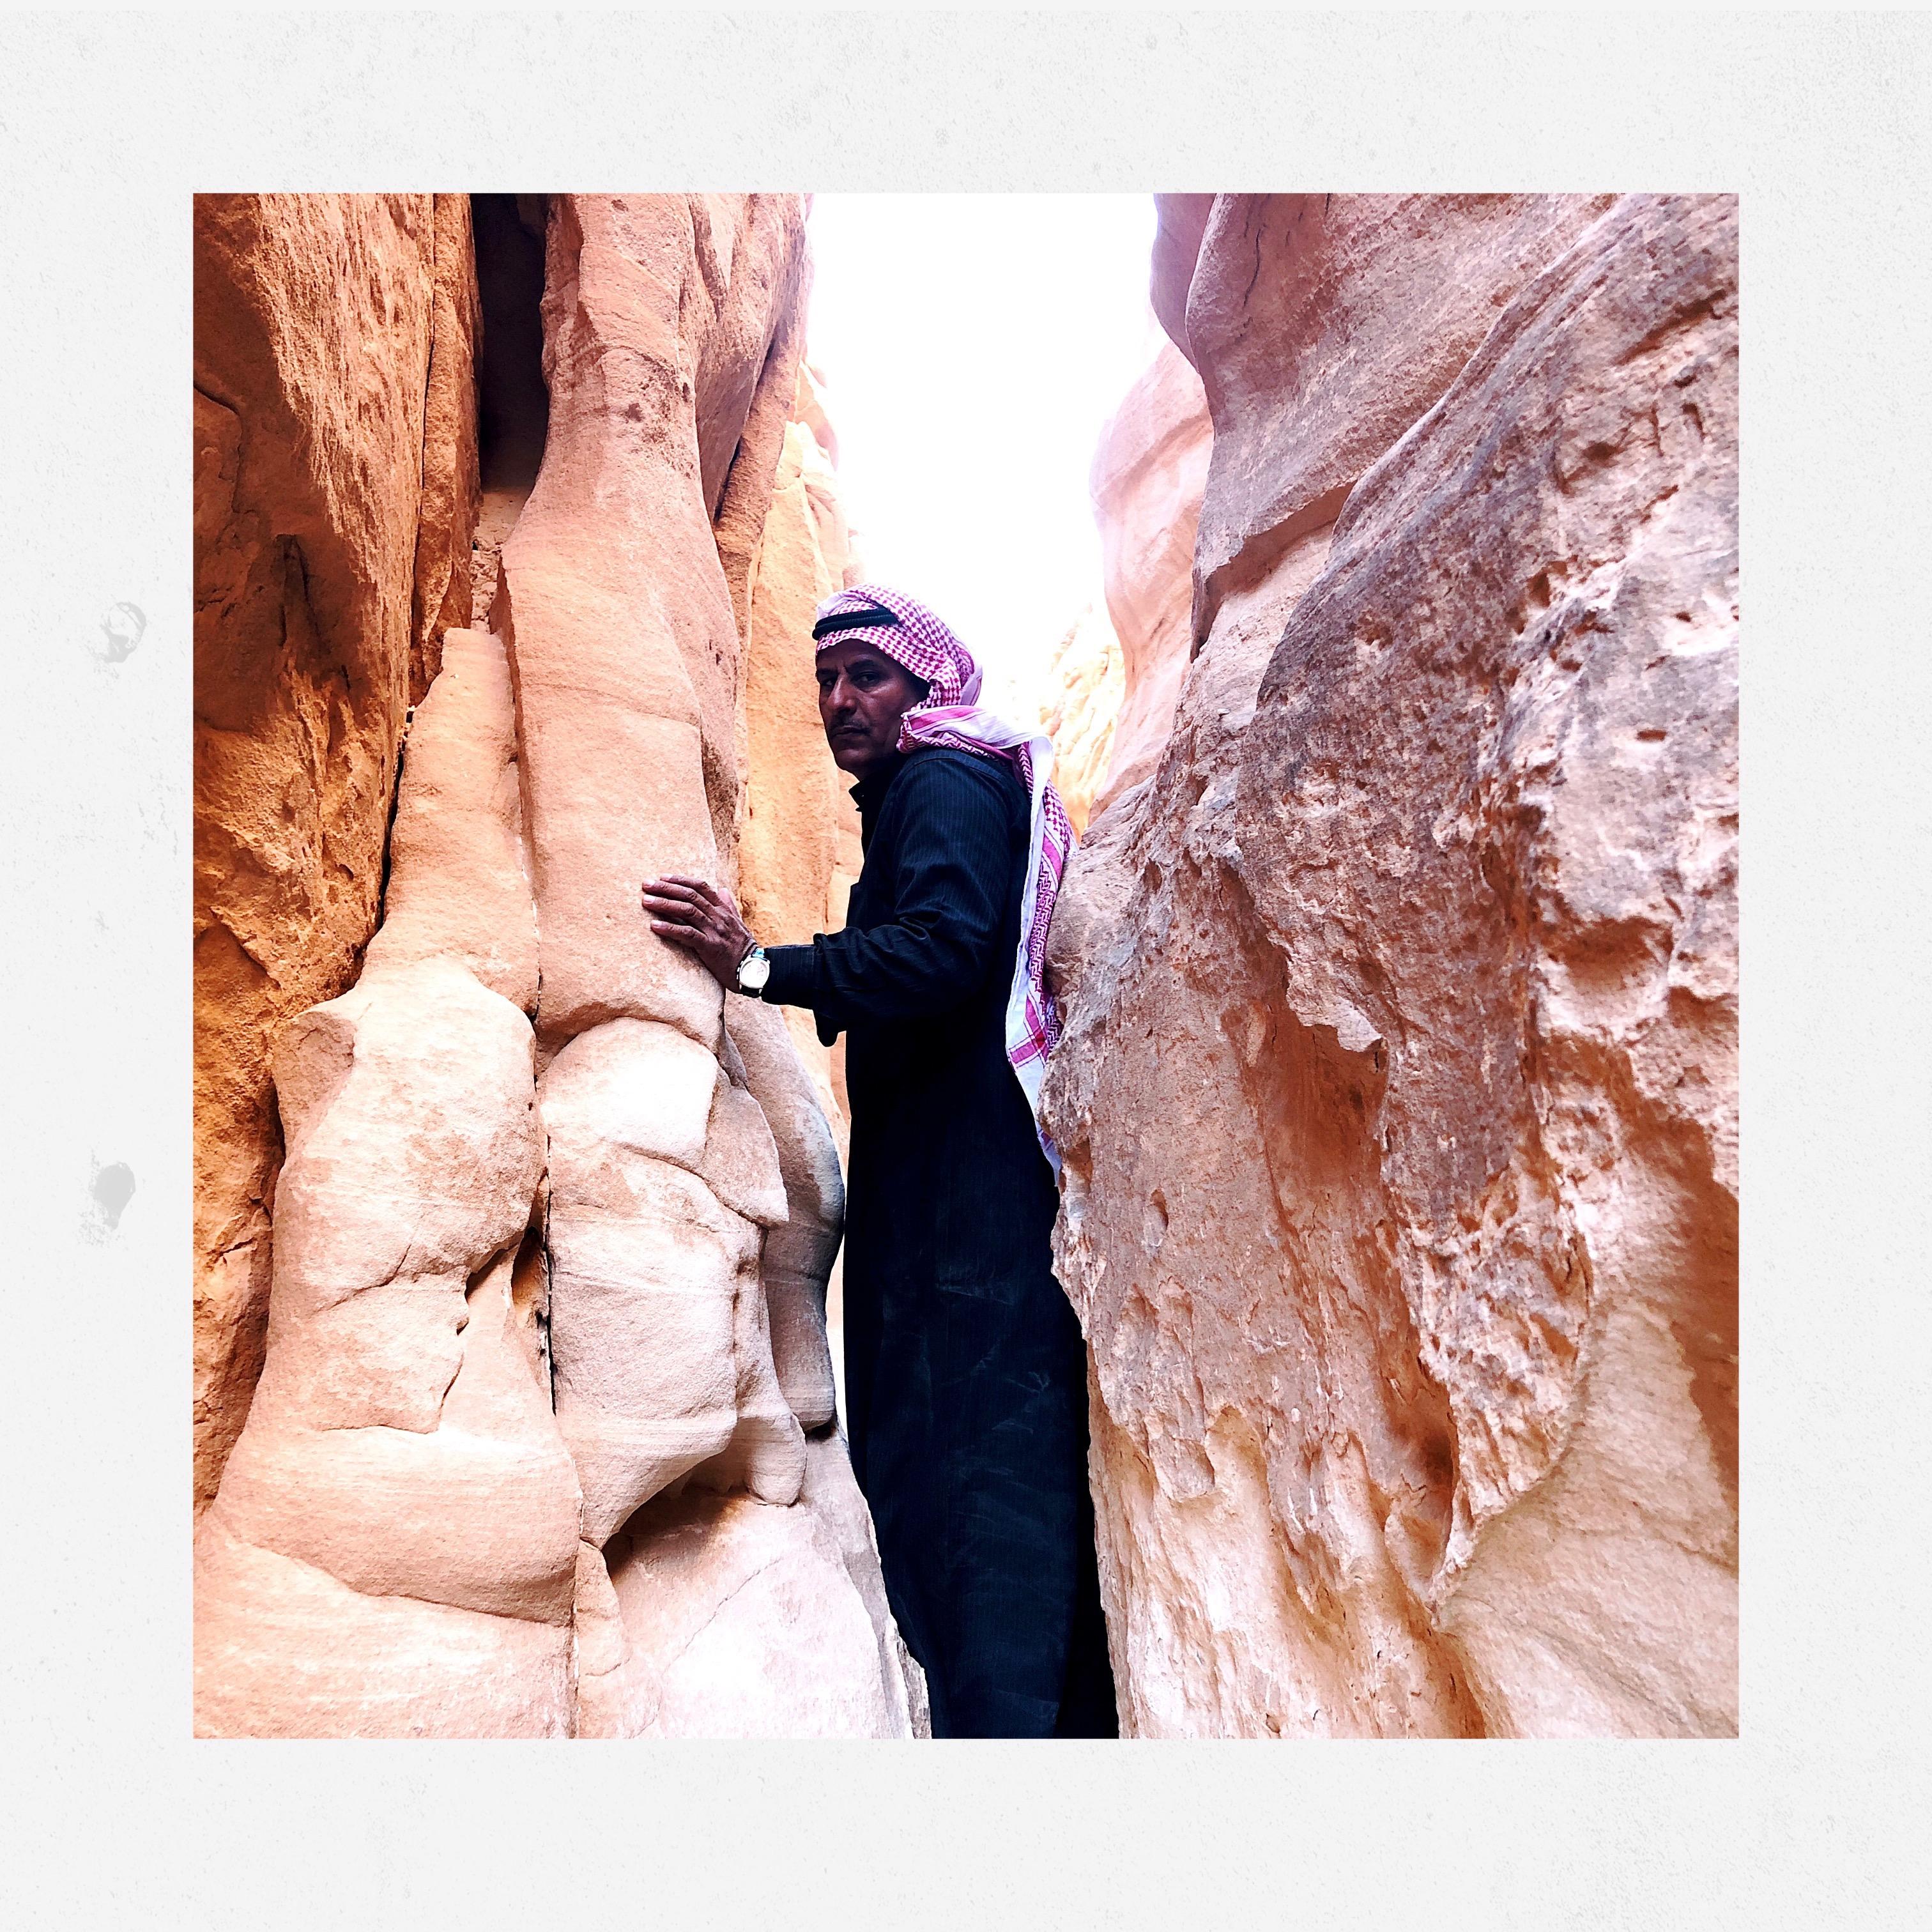 Rabia nel white canyon